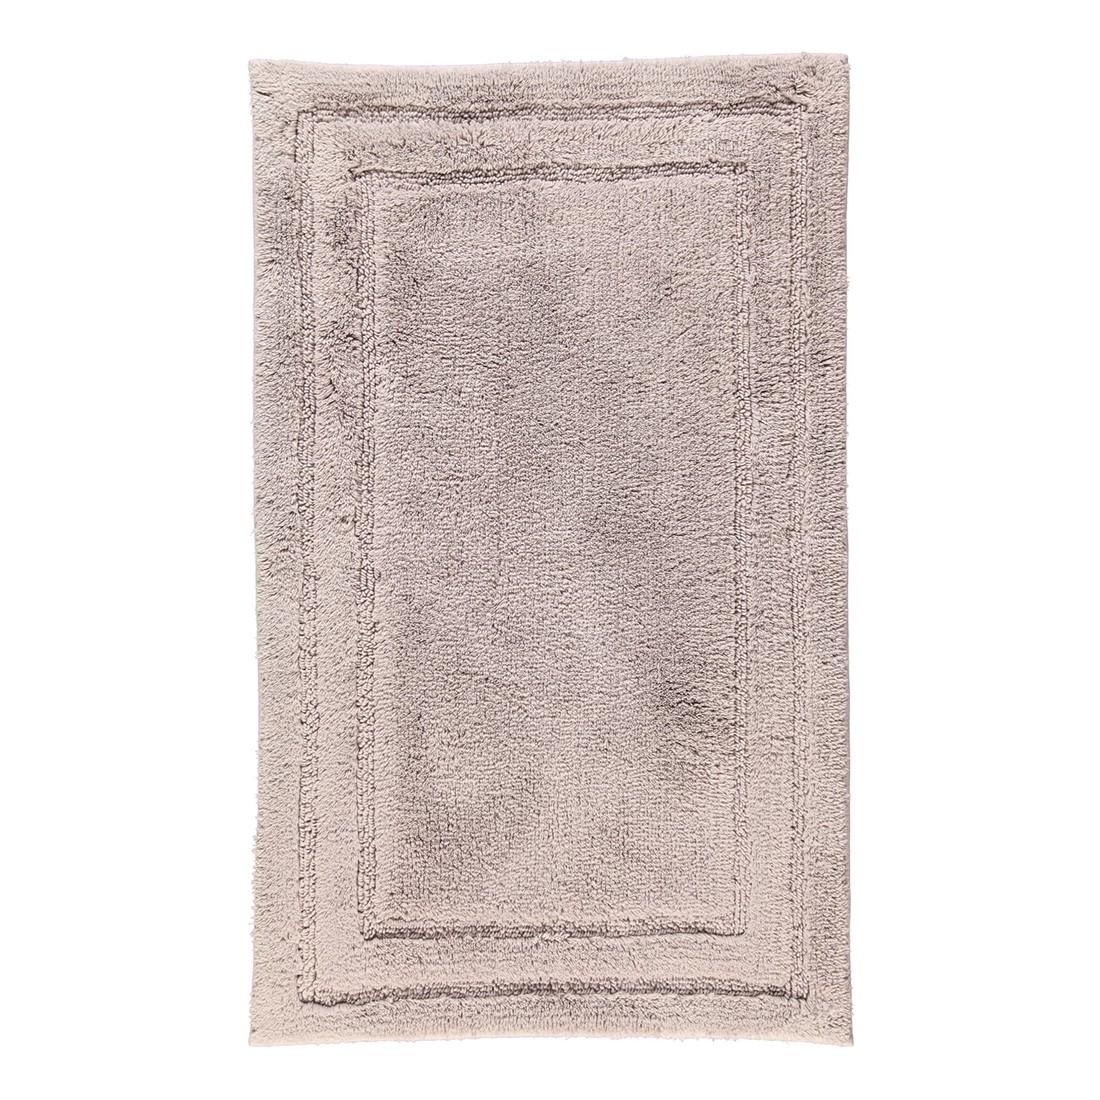 Badteppich Luxus Badteppich 1003 - 80% Baumwolle, 20% Viskose Silber - 775 - Abmessungen: 70 x 120 cm, Cawö